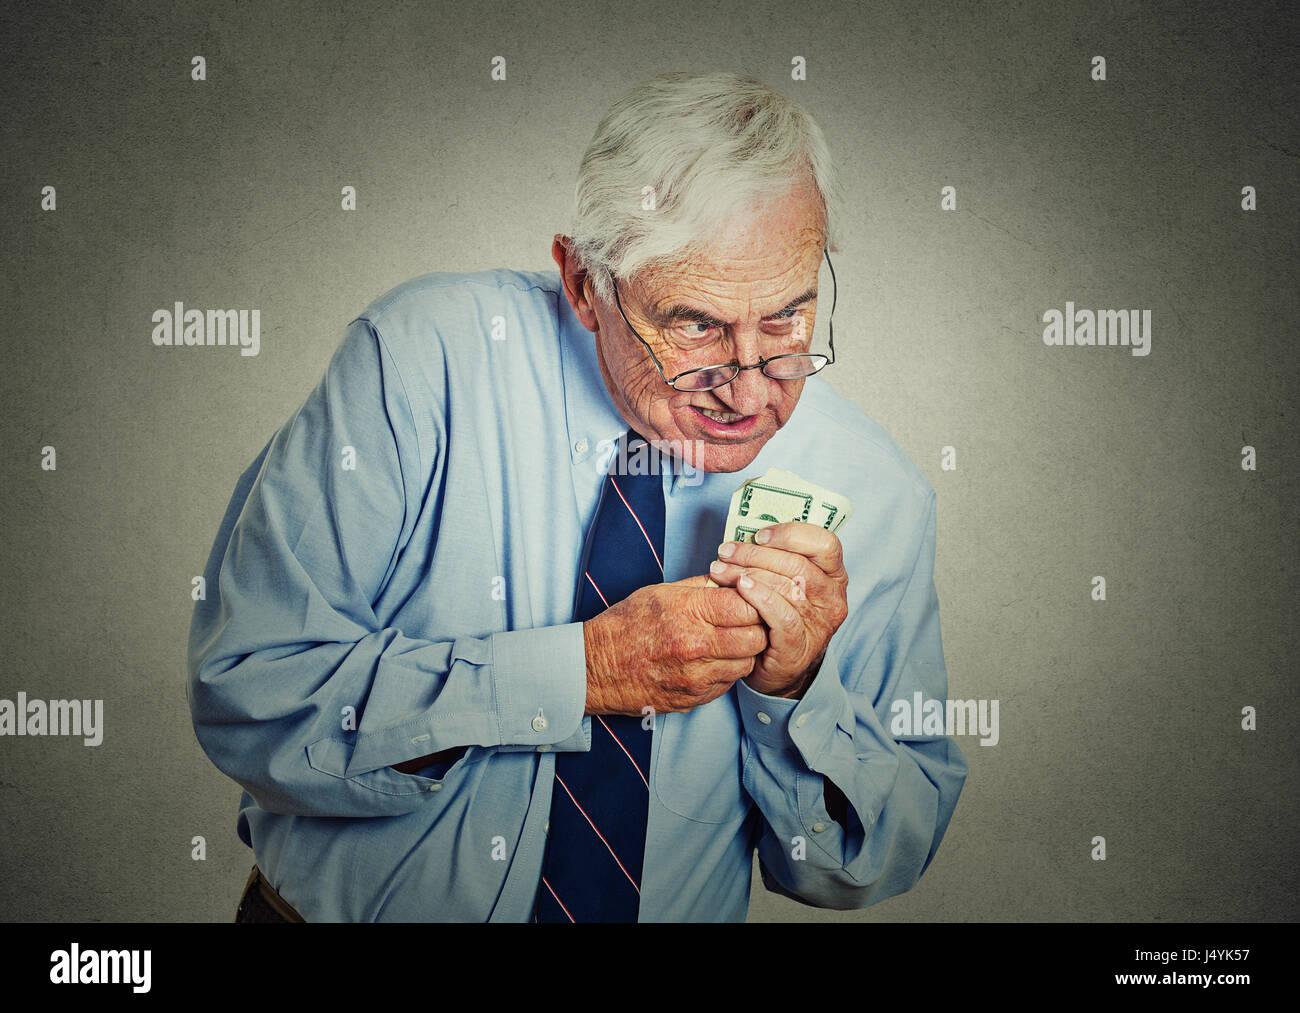 Closeup retrato de altos ejecutivos codiciosos, CEO, Boss, antiguo empleado de la compañía, hombre maduro, Imagen De Stock